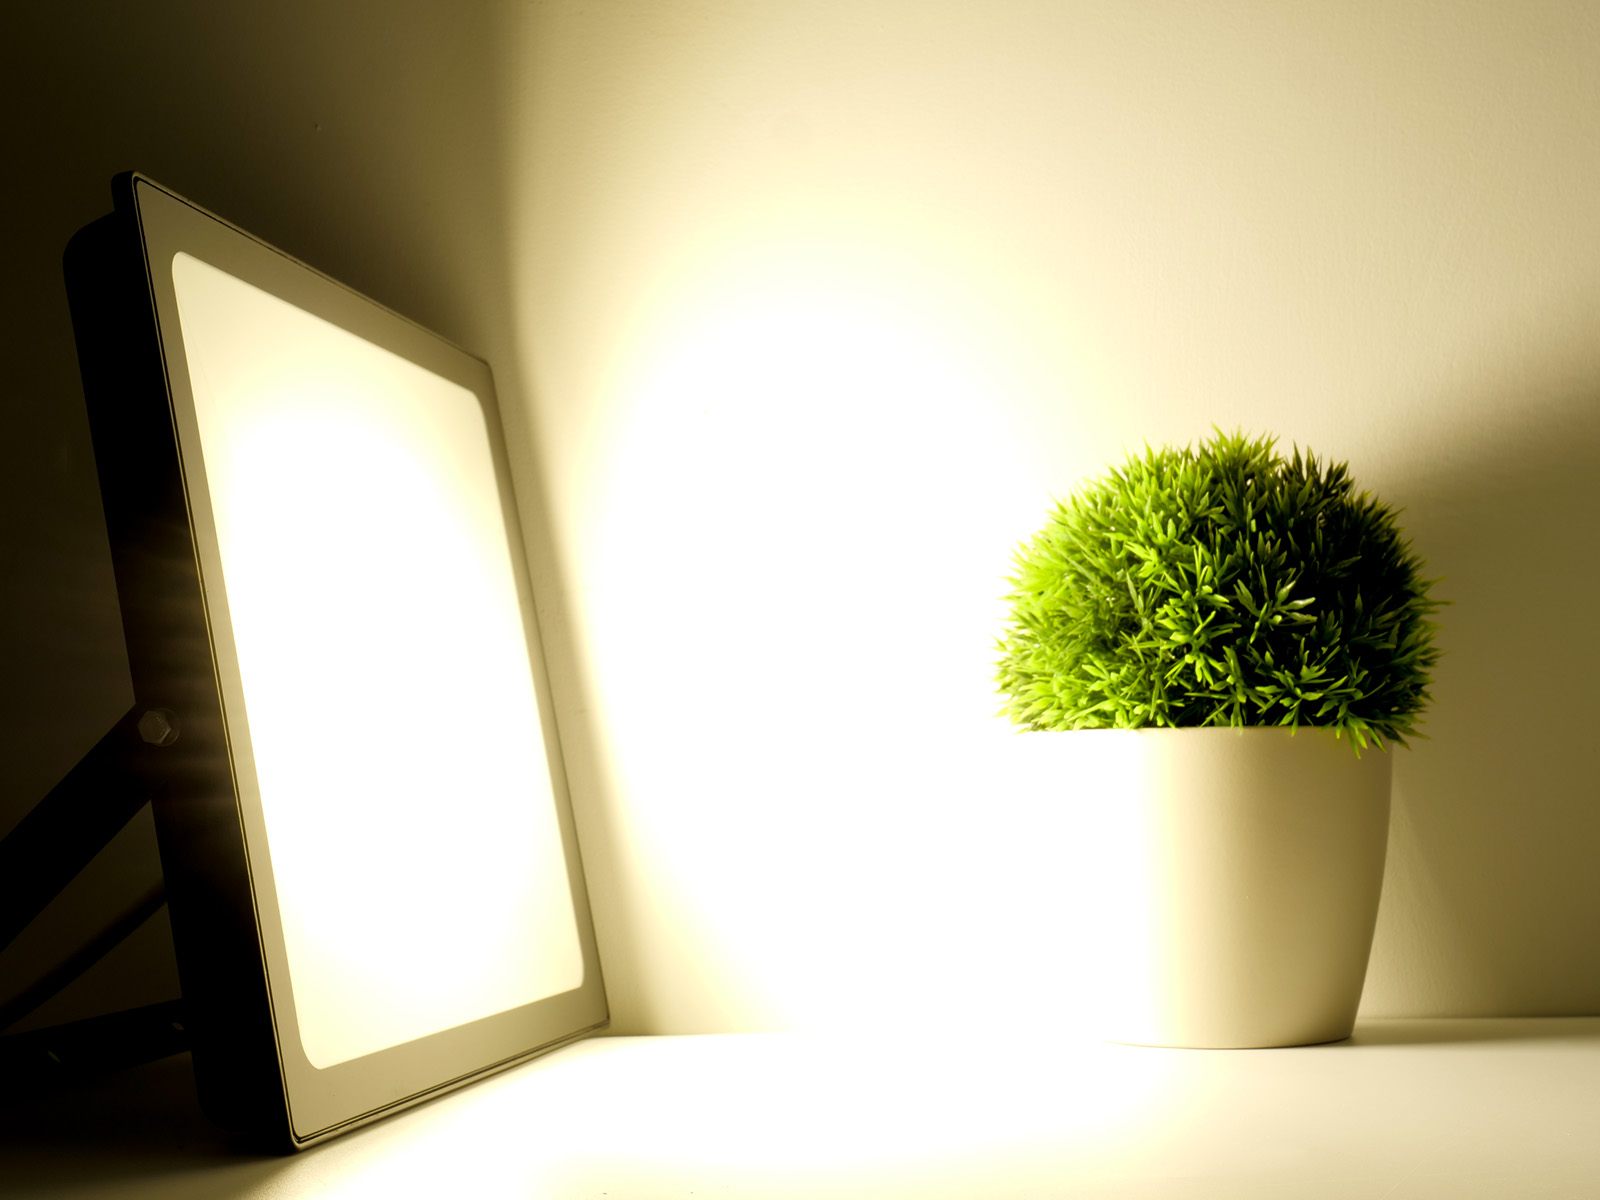 Led reflektor 100w teljesítménnyel